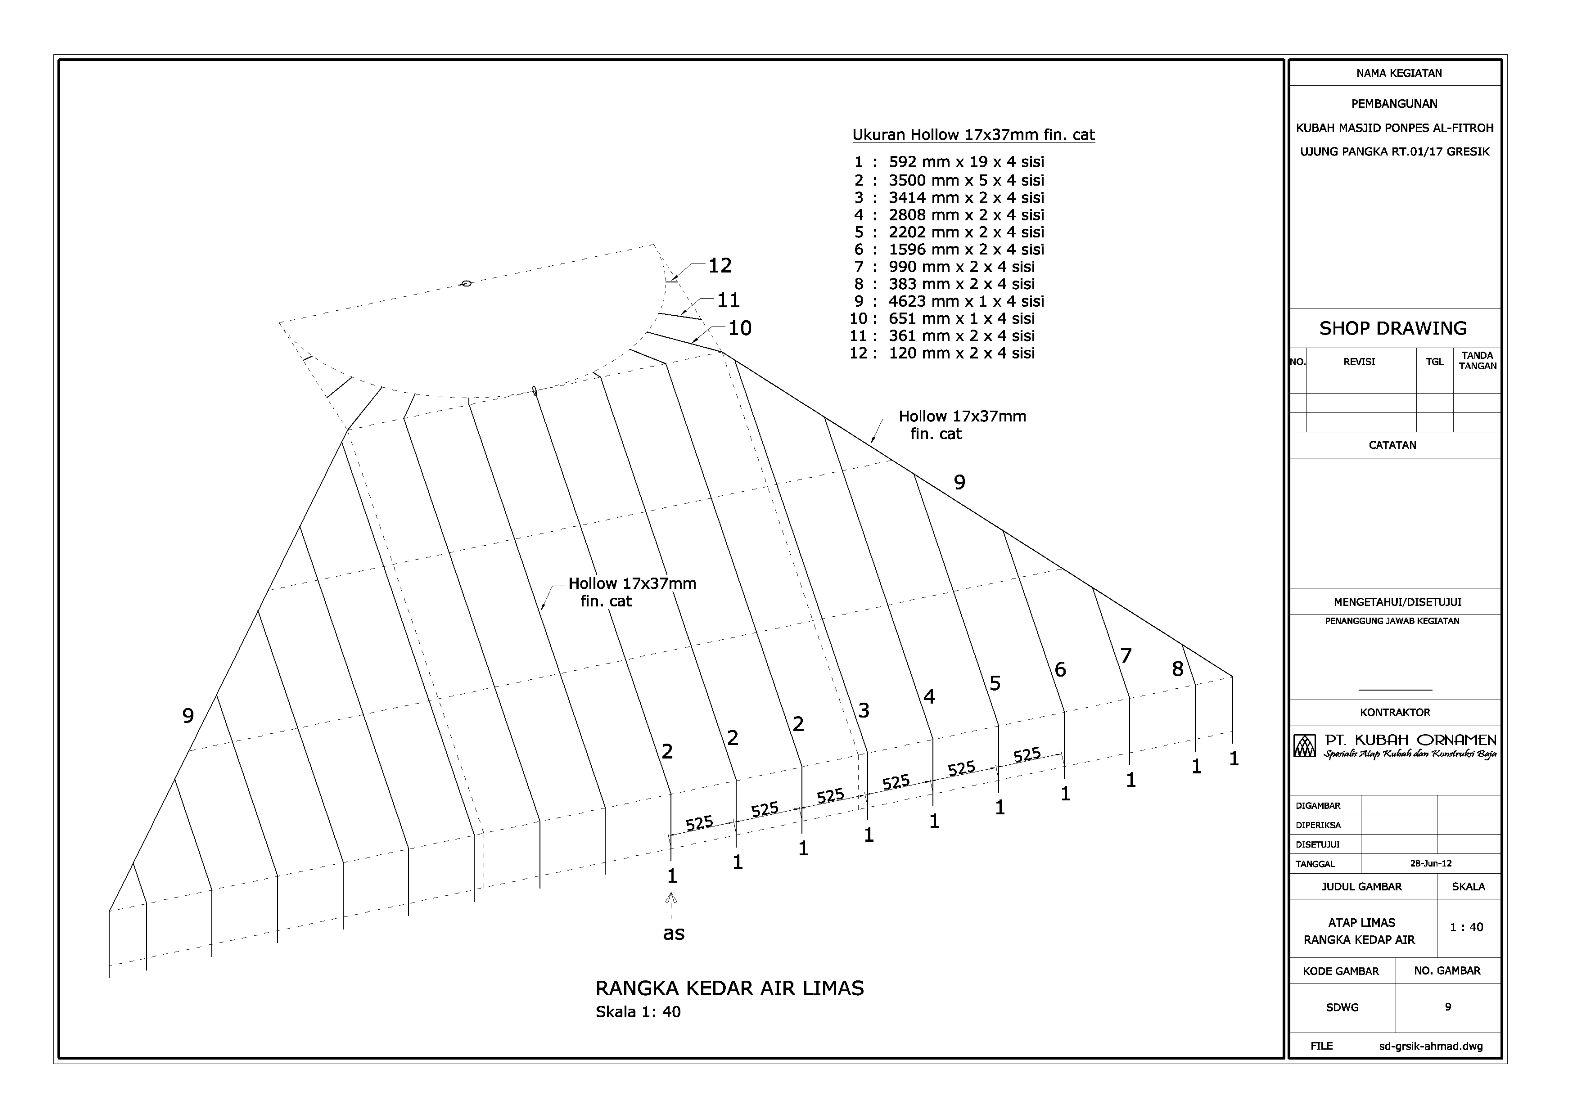 isometri,tampak,potongan,detail,kuda-kuda,limas,kerucut,cremona